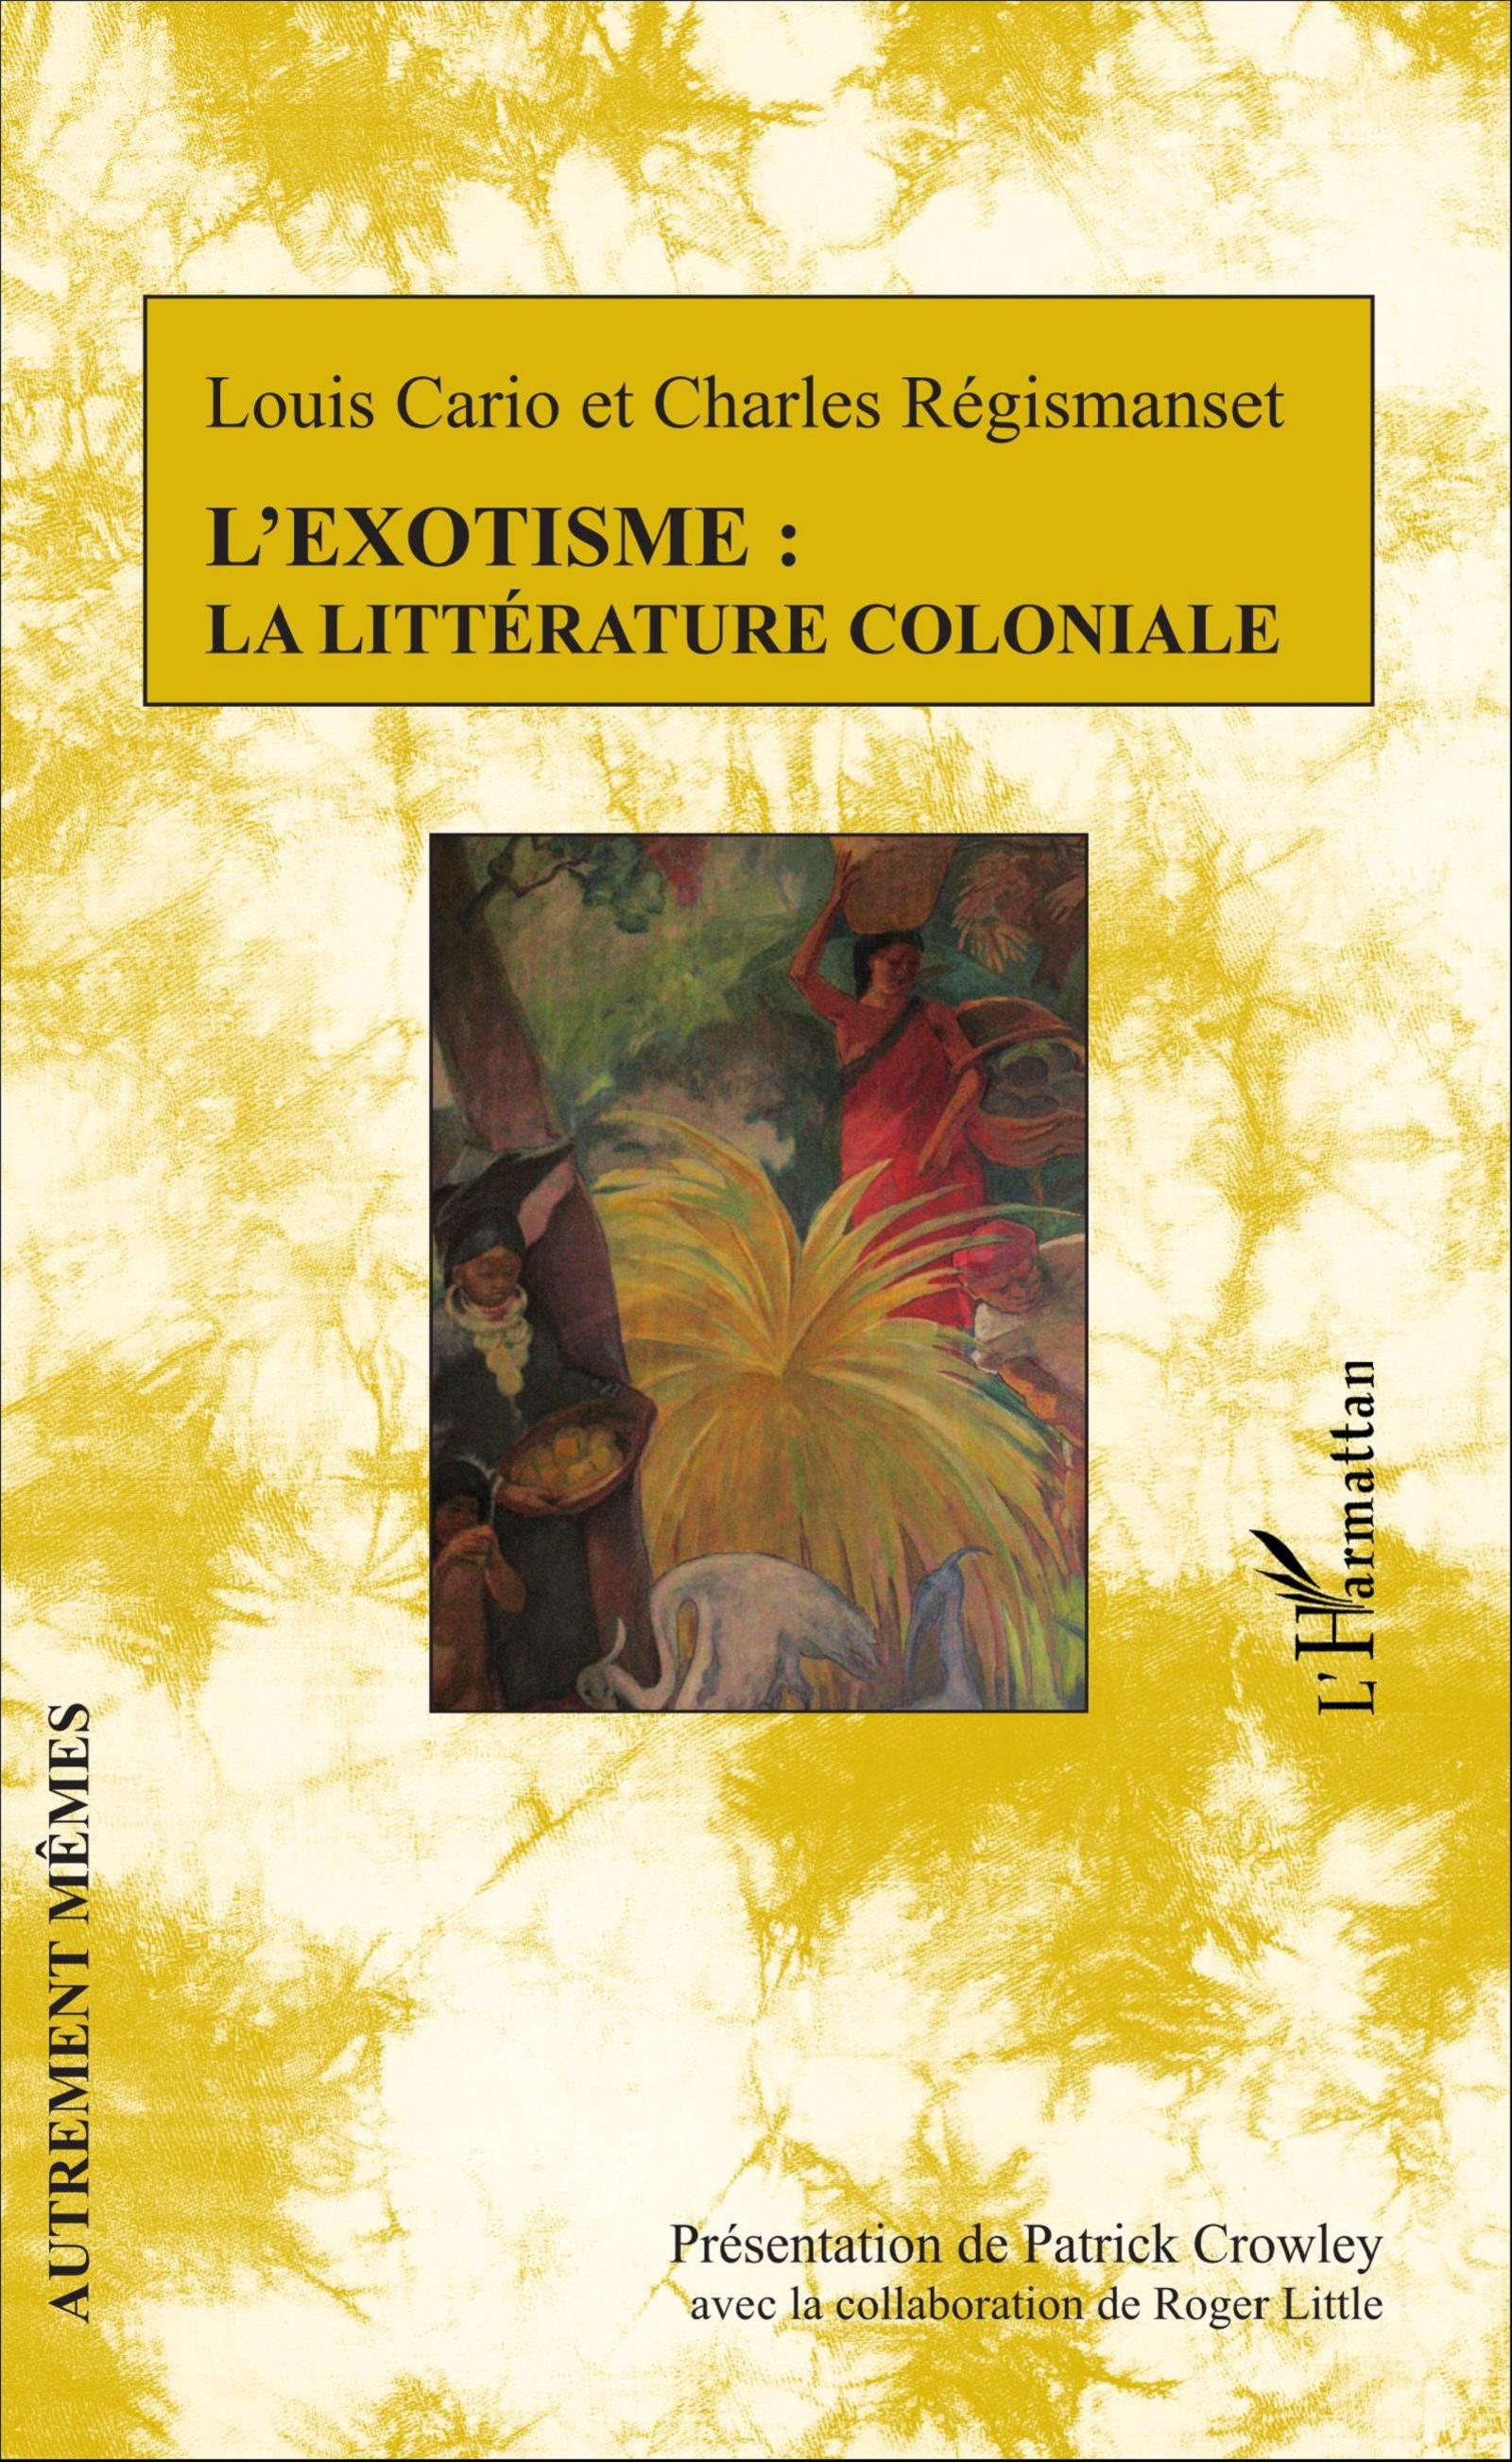 L. Cario et Ch. Régismanset, L'Exotisme : la littérature coloniale